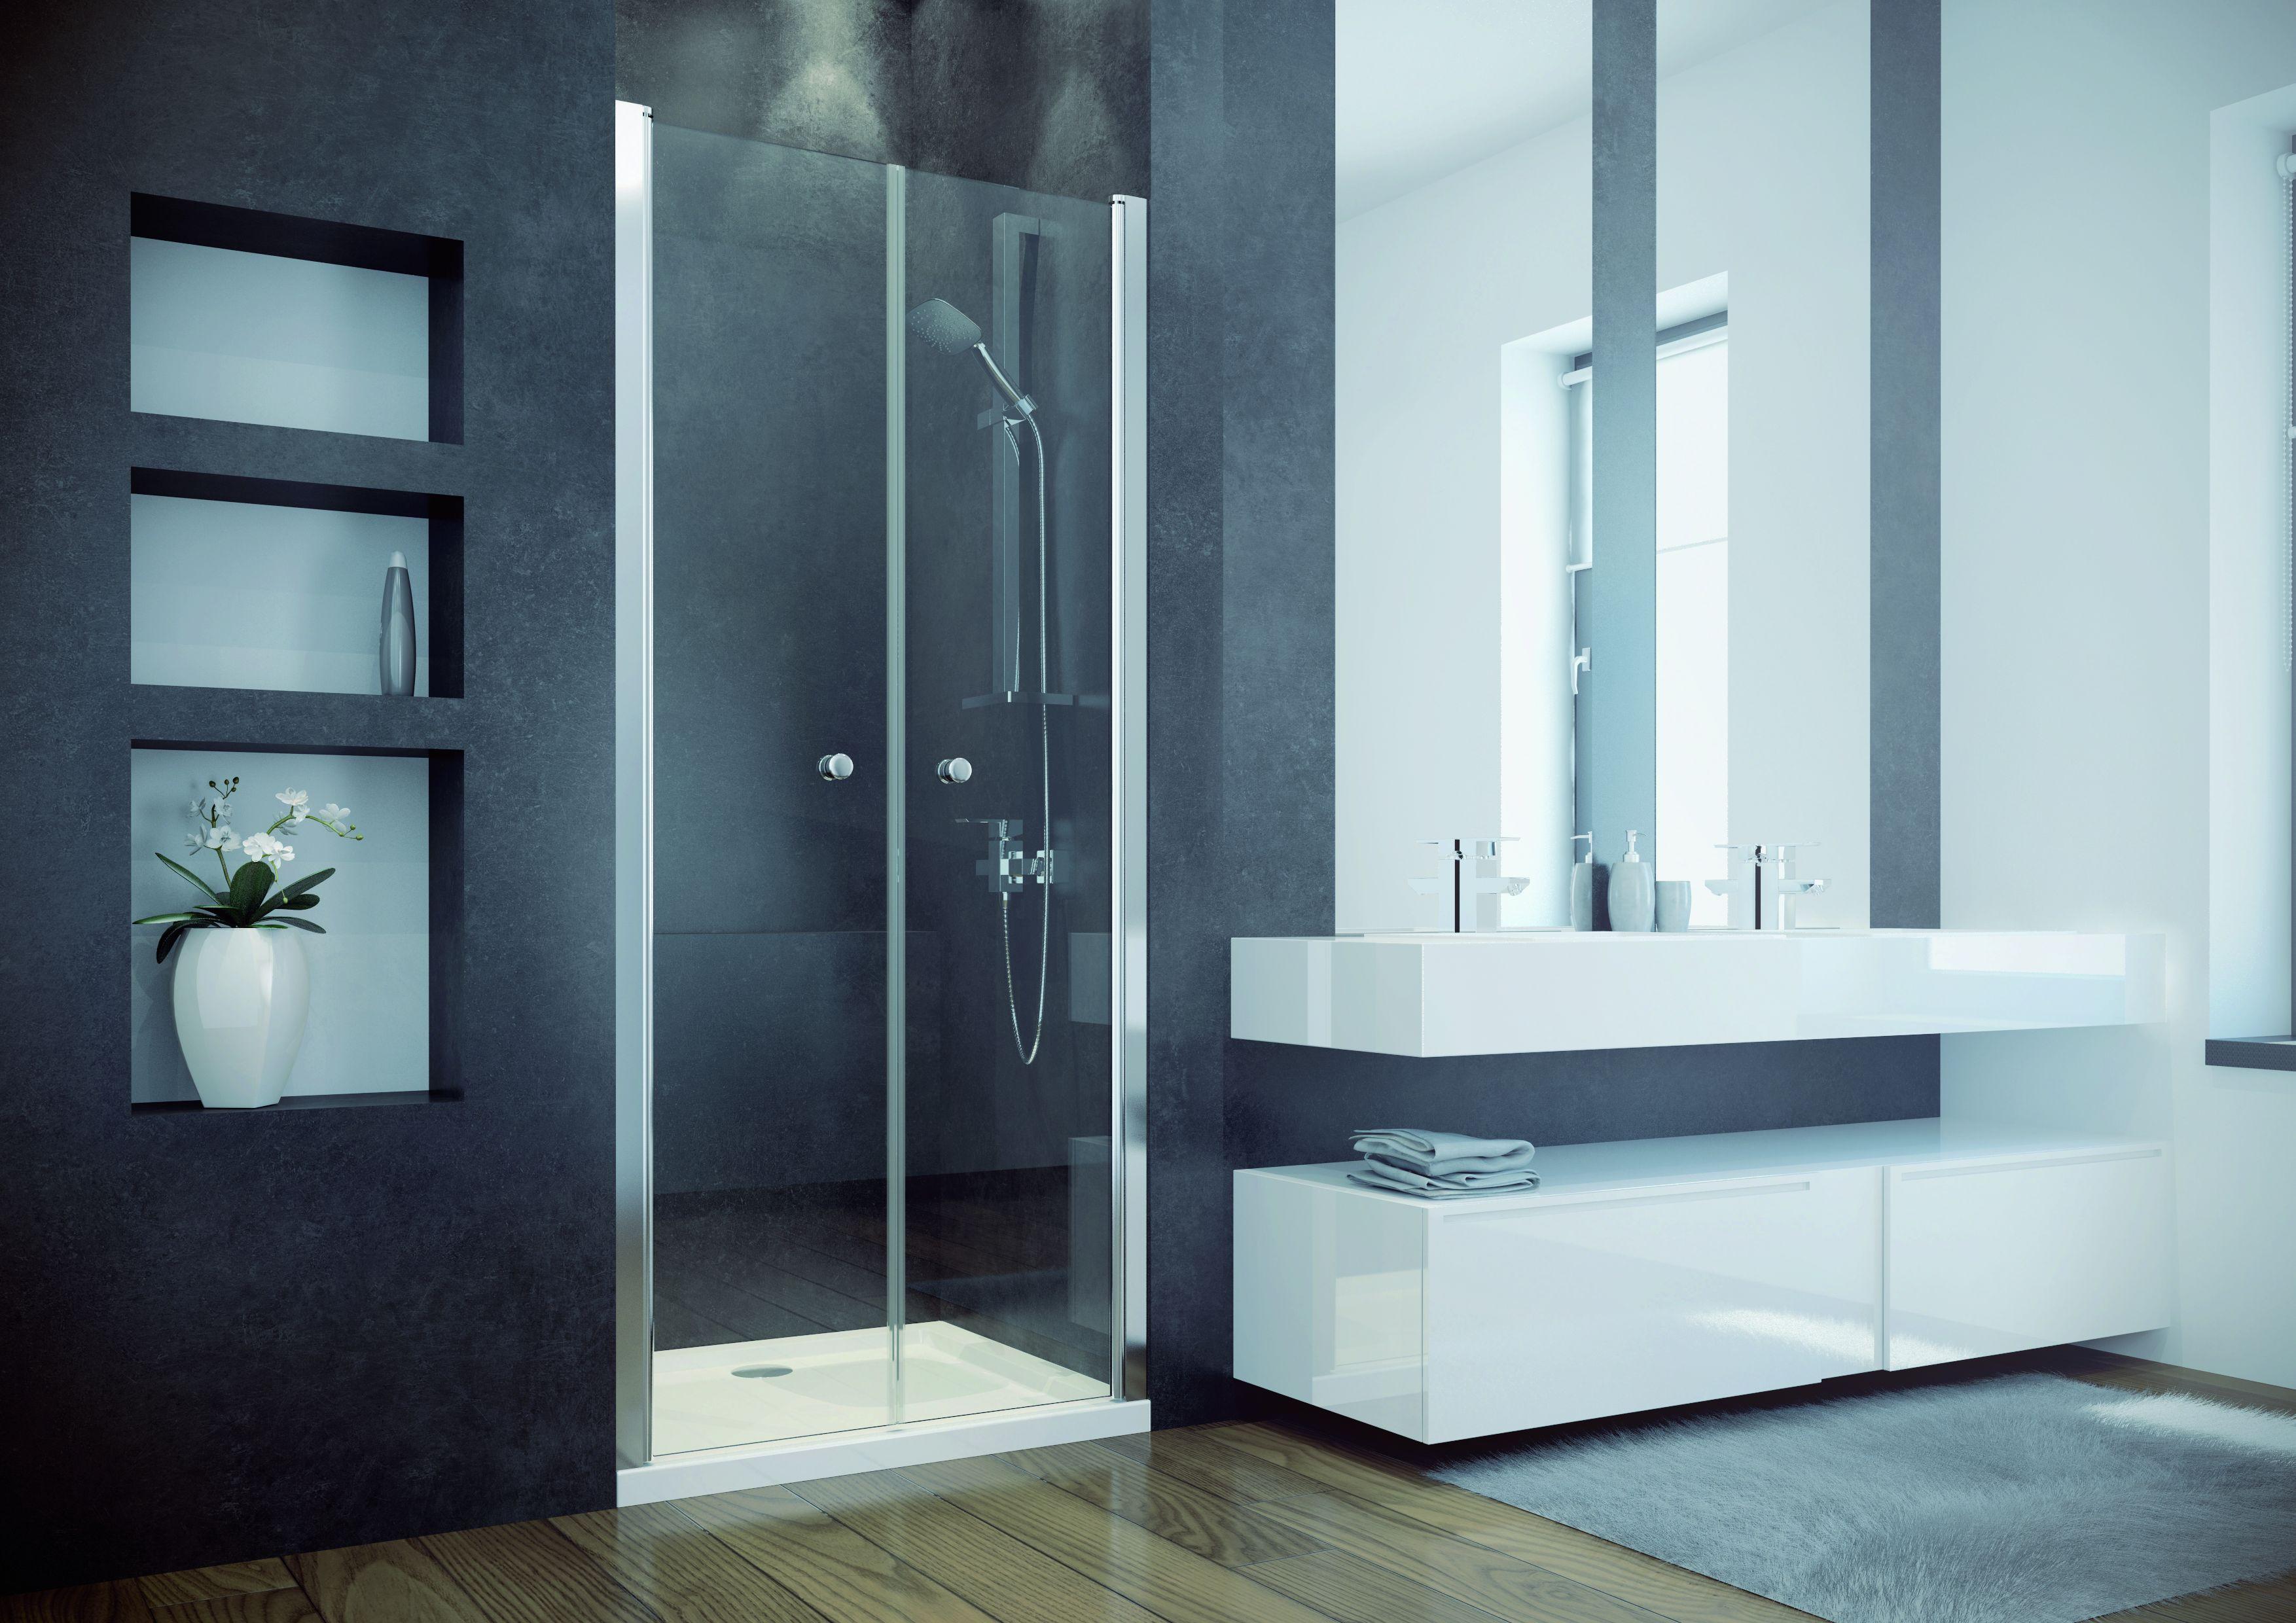 HOPA - Bezrámové sprchové dveře SINCO DUE - Barva rámu zástěny - Hliník chrom, Rozměr A - 80 cm, Směr zavírání - Univerzální Levé / Pravé, Výplň - Čiré bezpečnostní sklo - 6 mm, Výška - 195 cm (BCSIN80DUE)